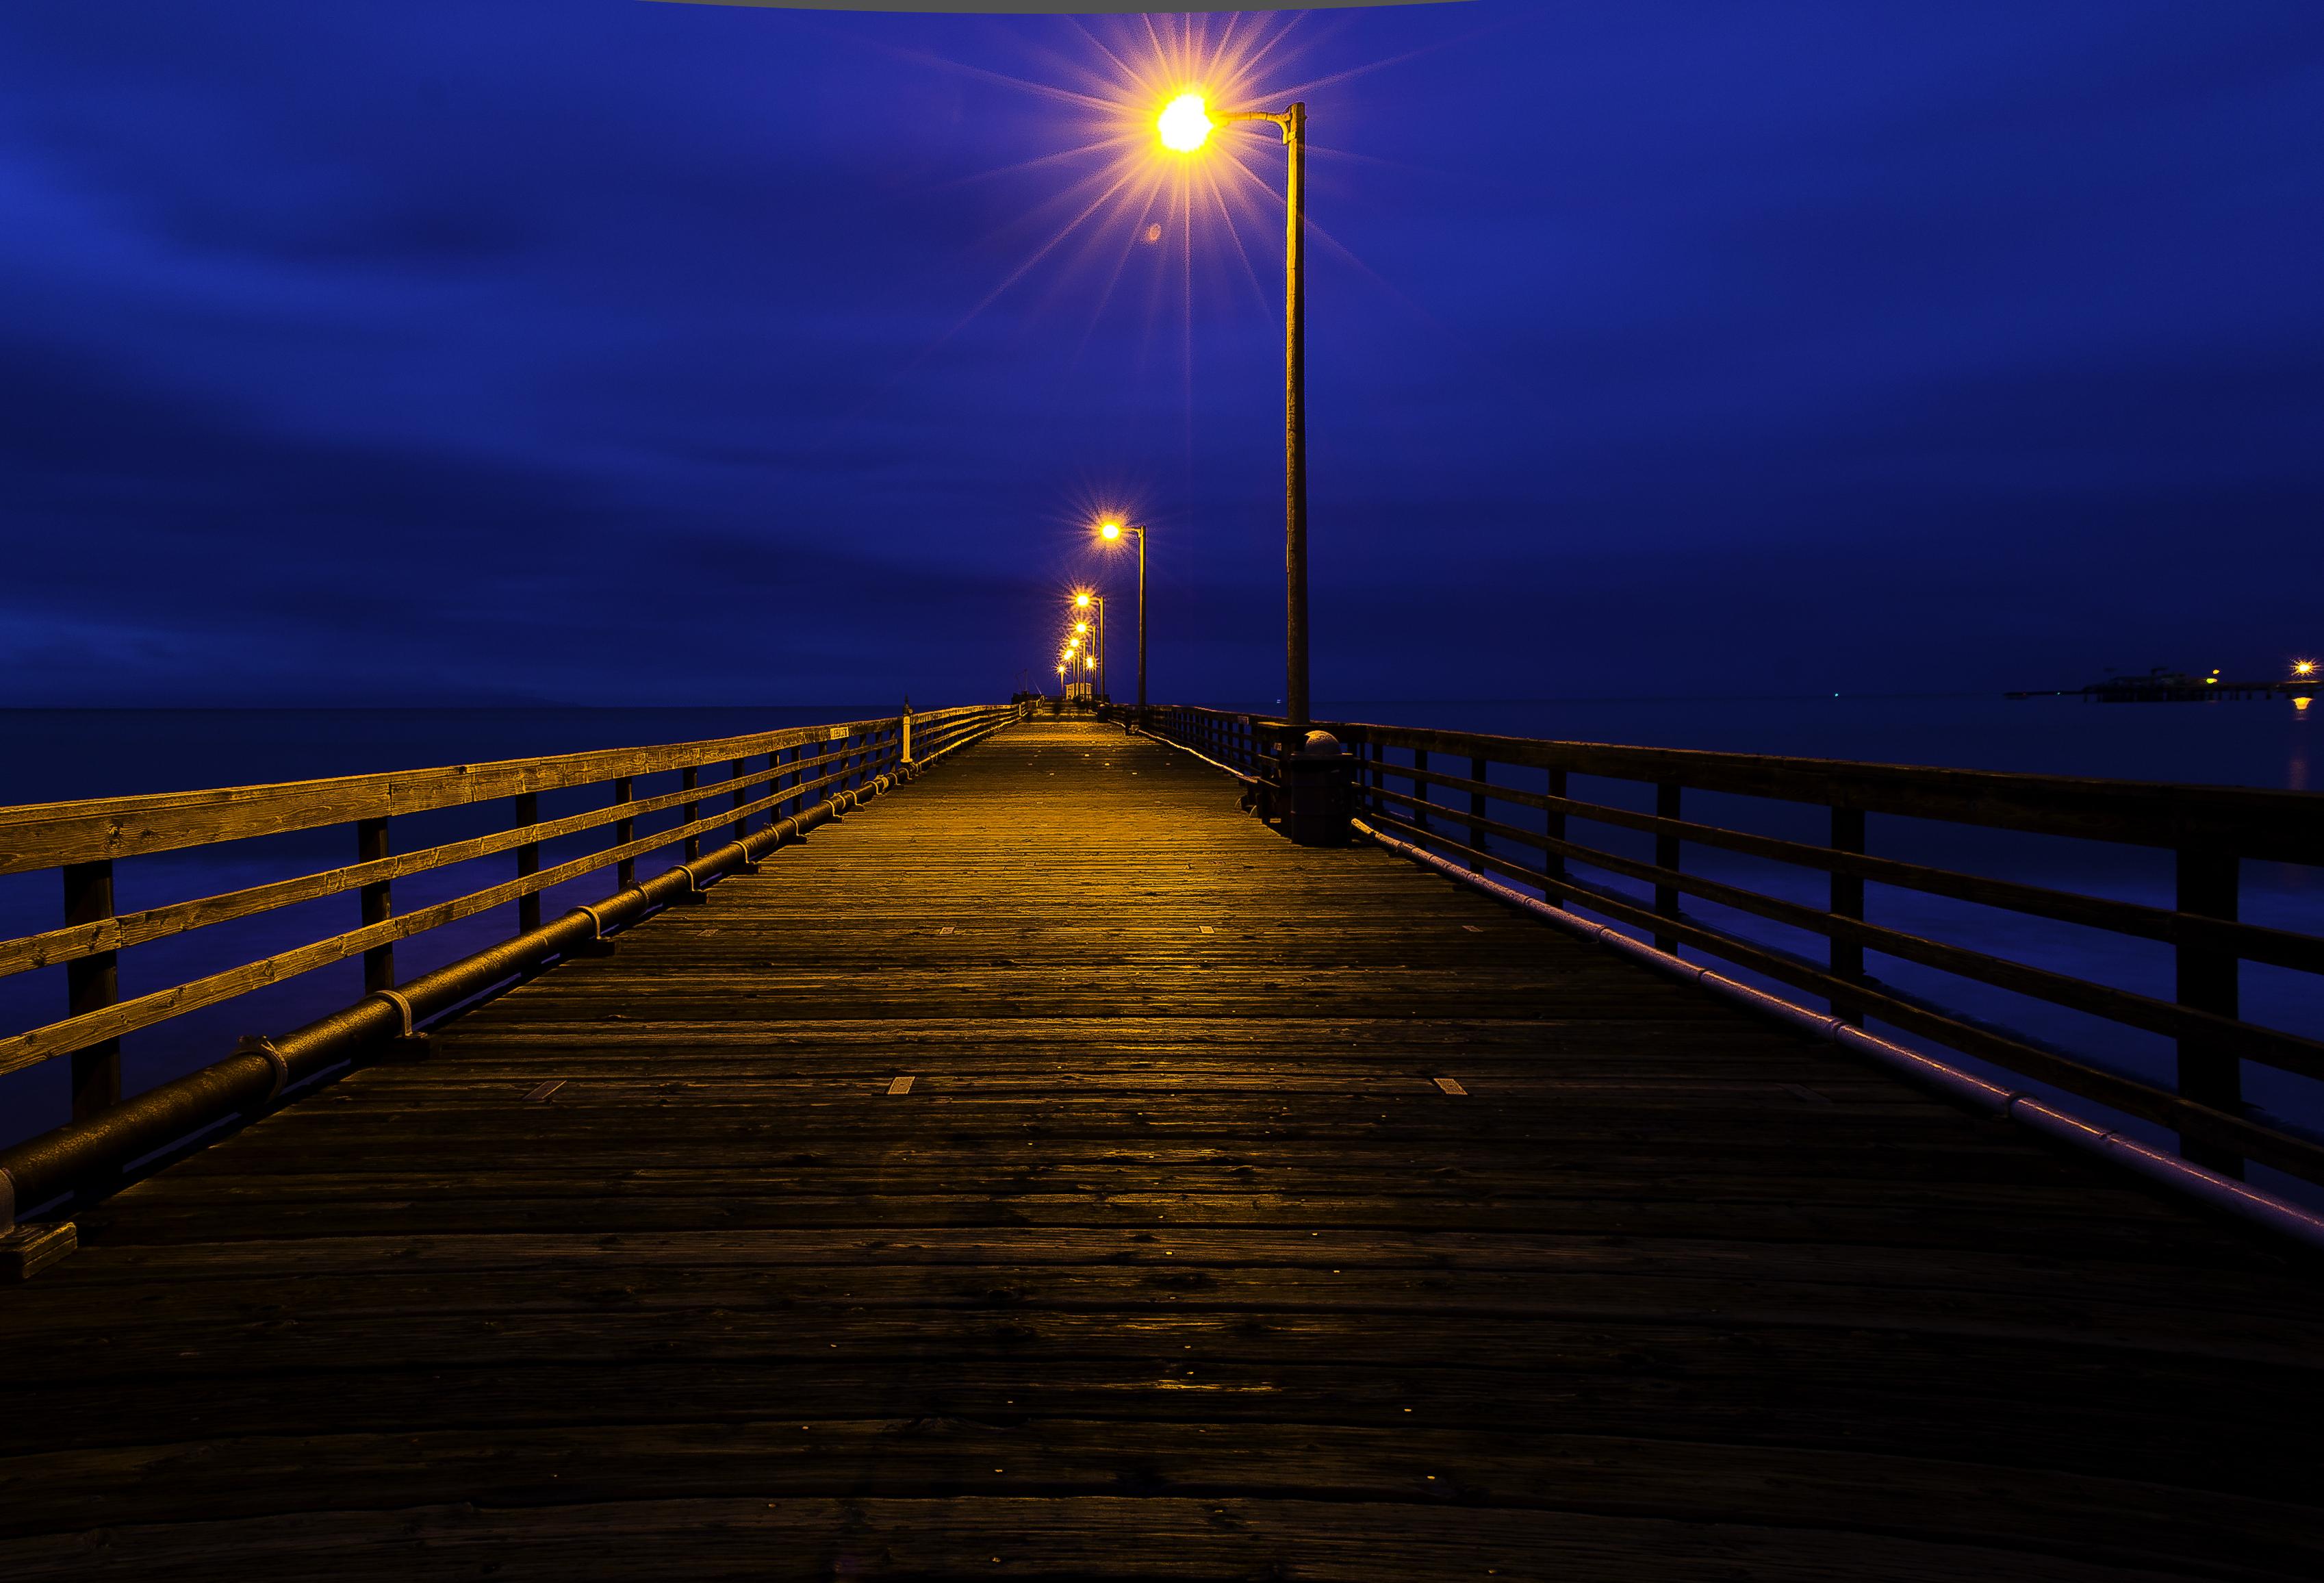 Avila_Pier_at_Night